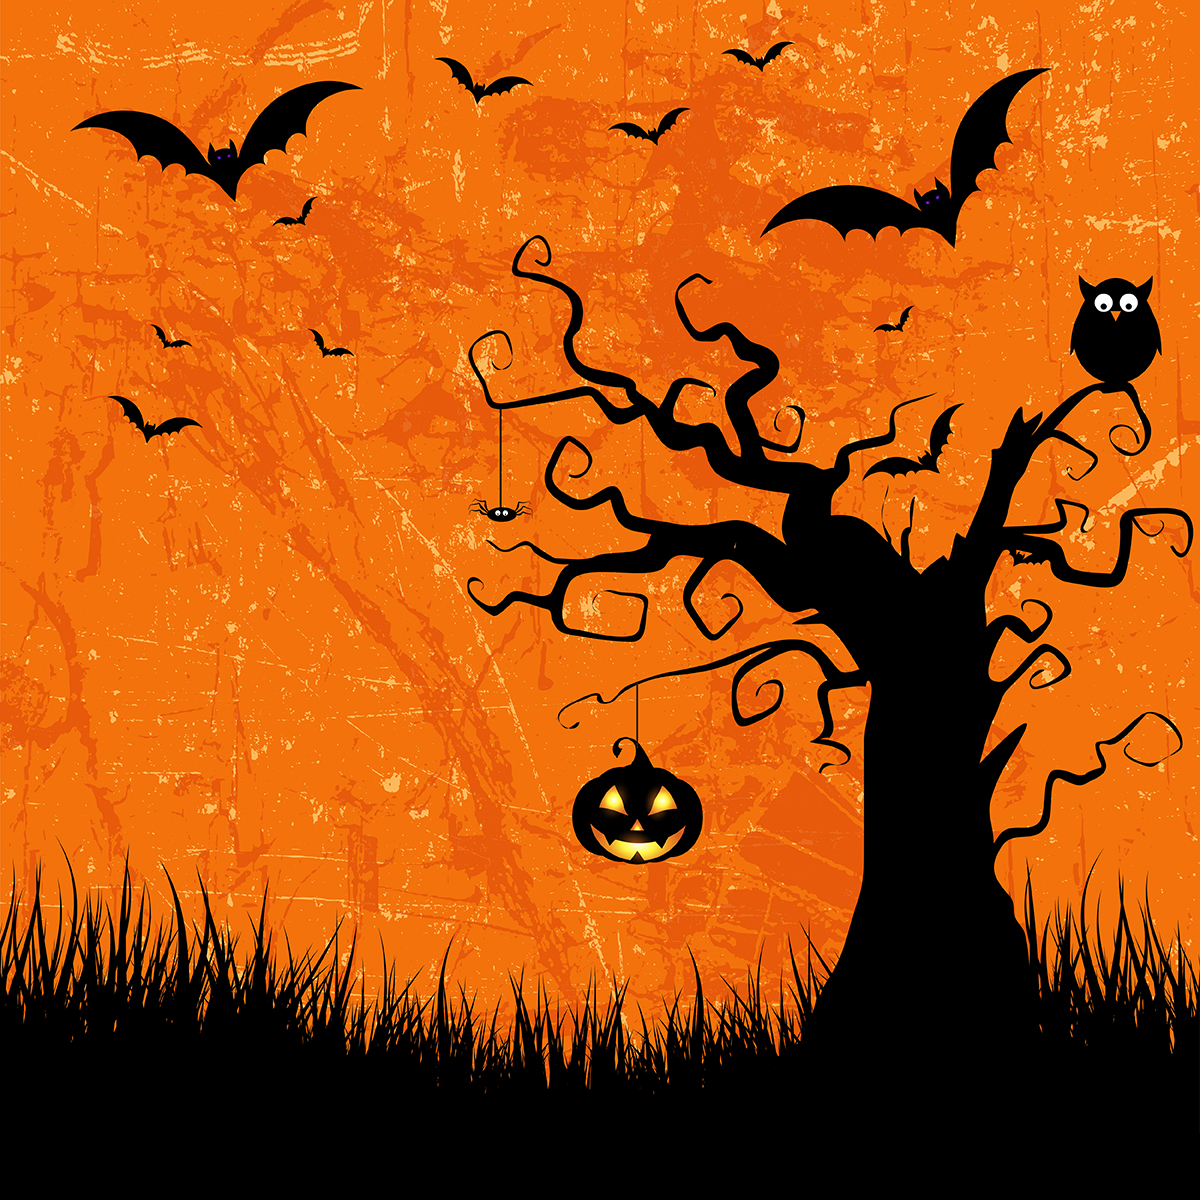 Học từ vựng qua hình ảnh chủ đề Halloween